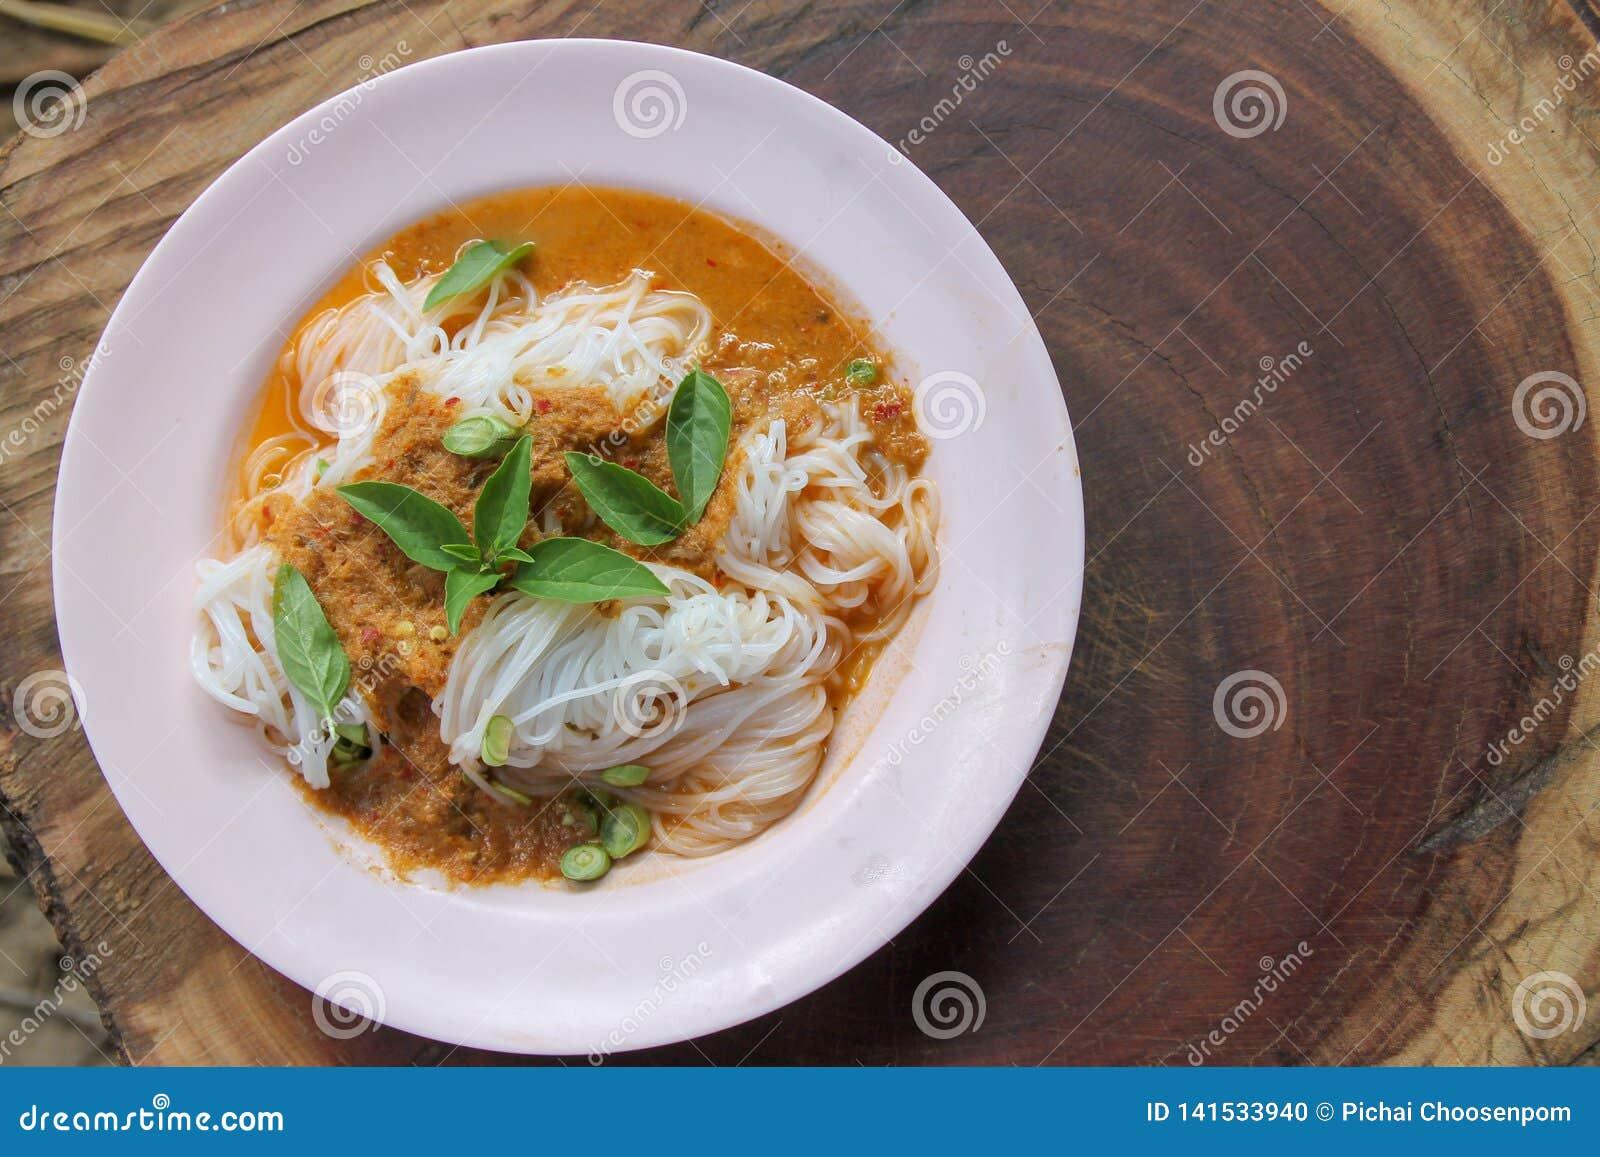 Tradycyjna Tajlandzka kuchnia, ryżowi wermiszel jedzący z zielonym currym